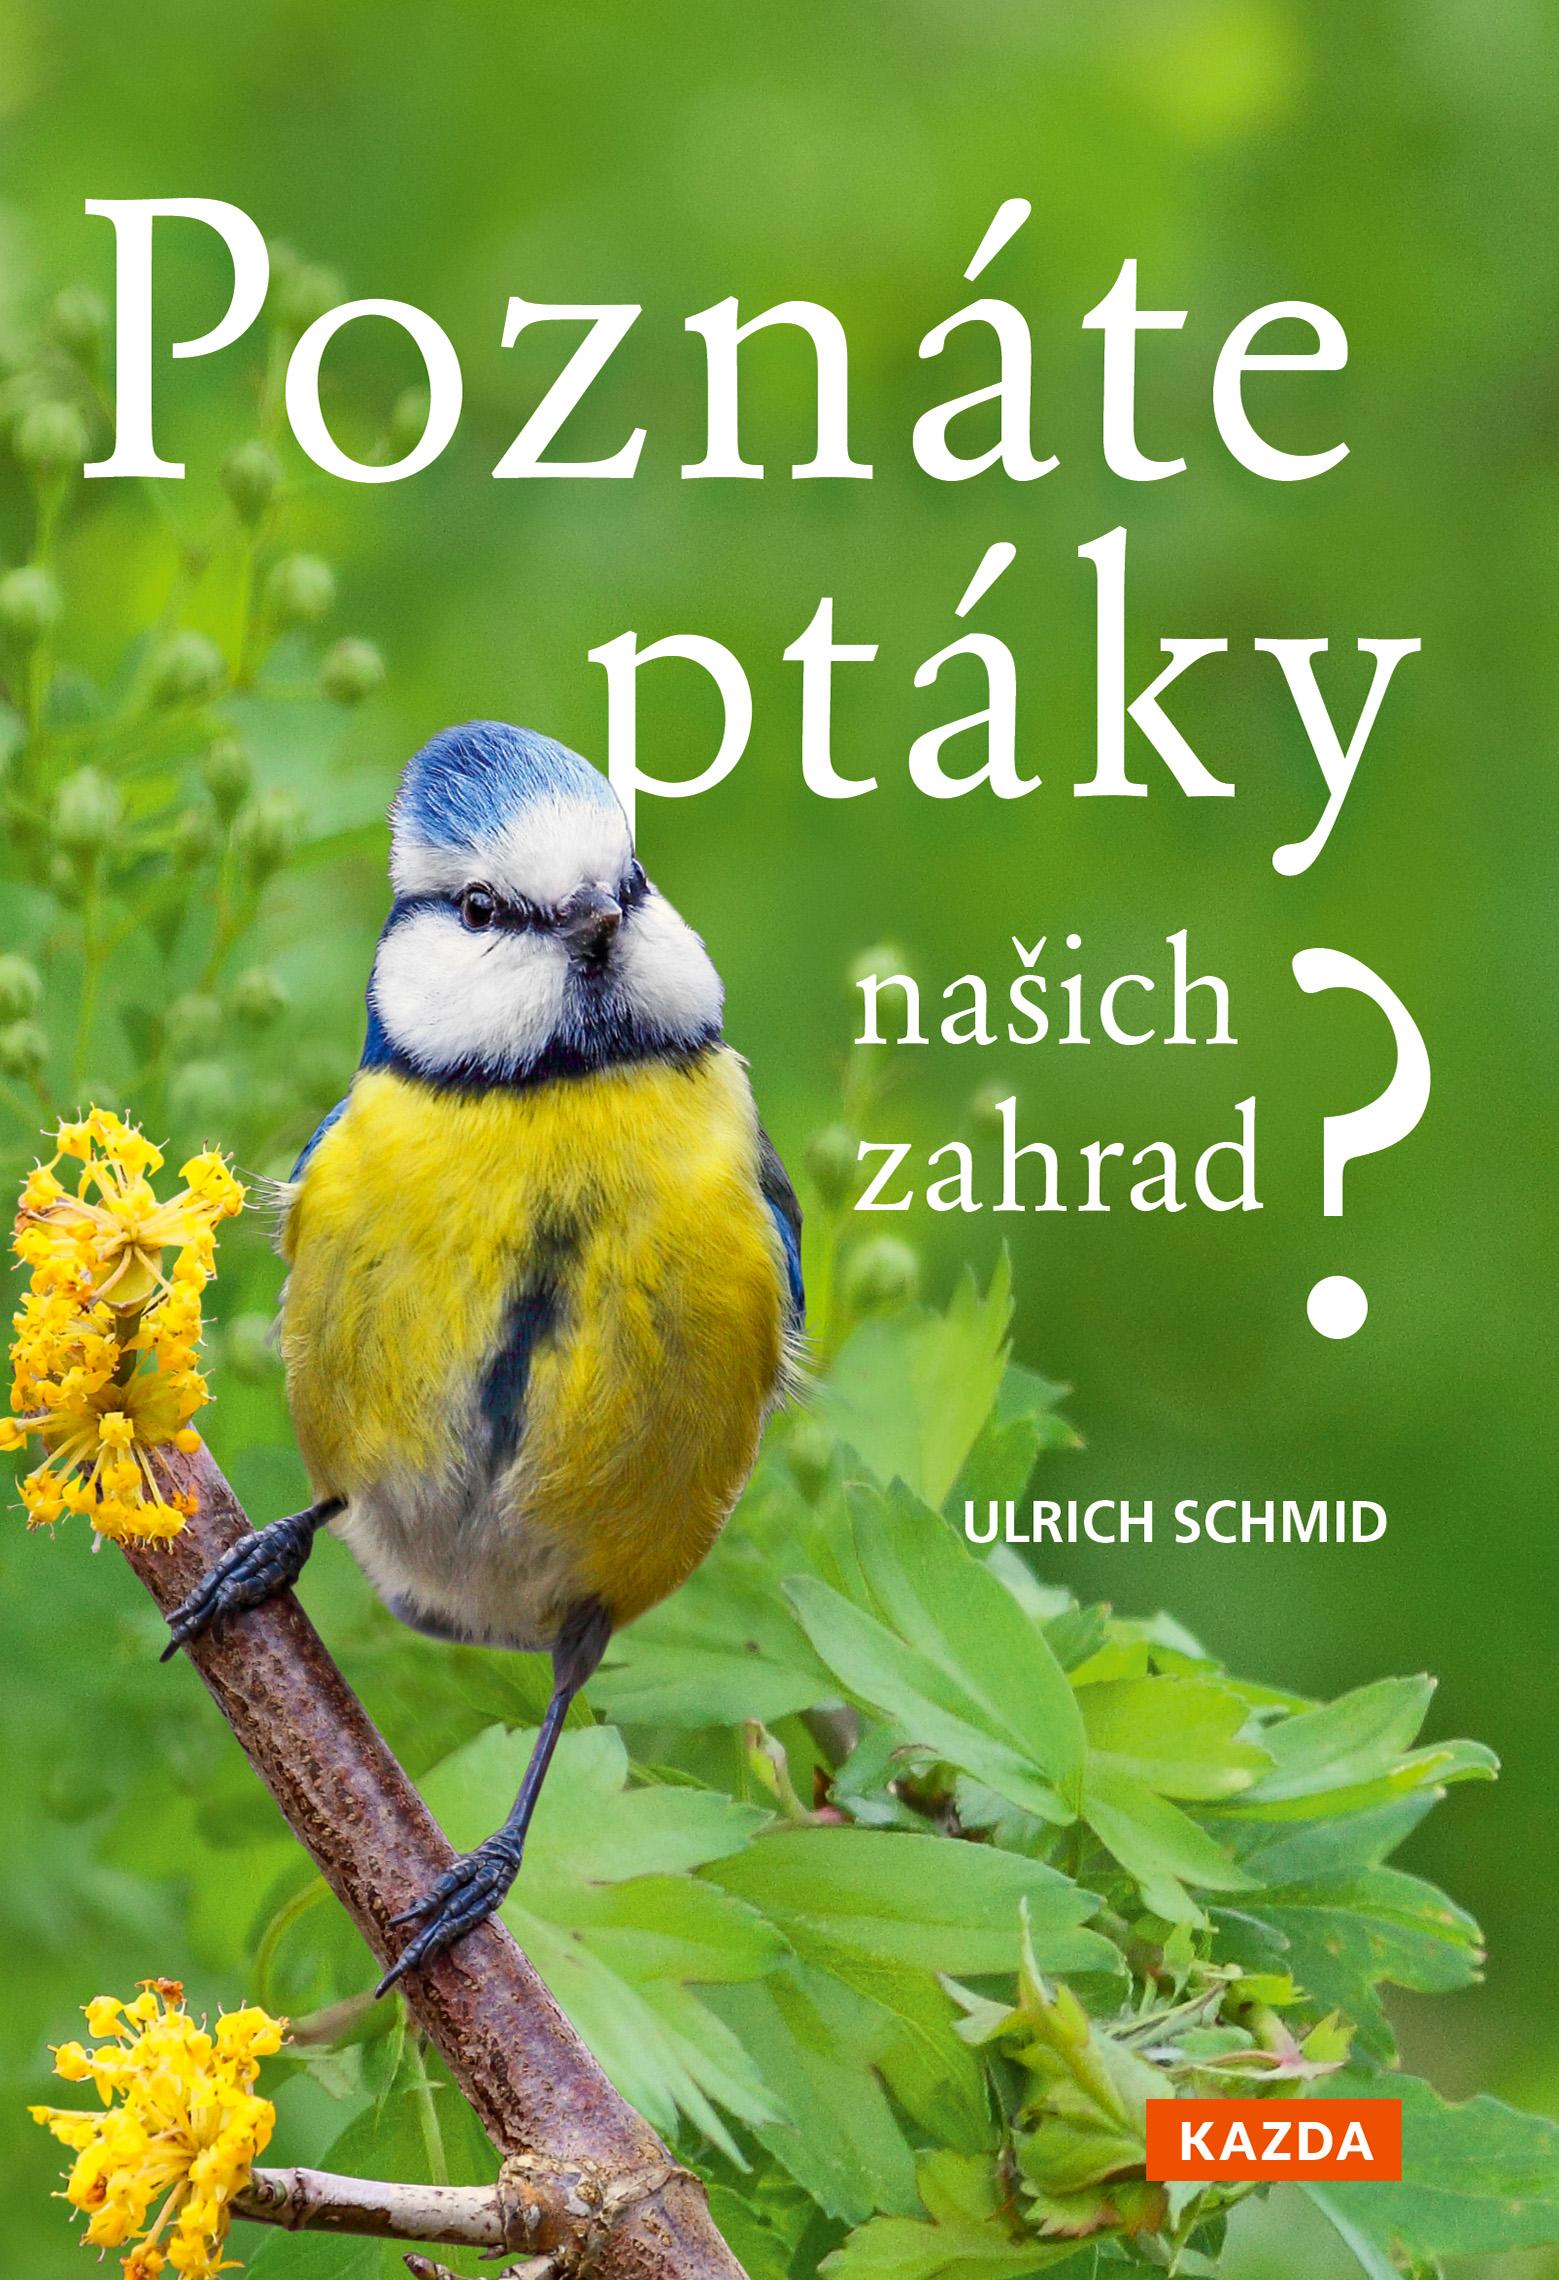 Titulka_PoznatePtakyNasichZahrad